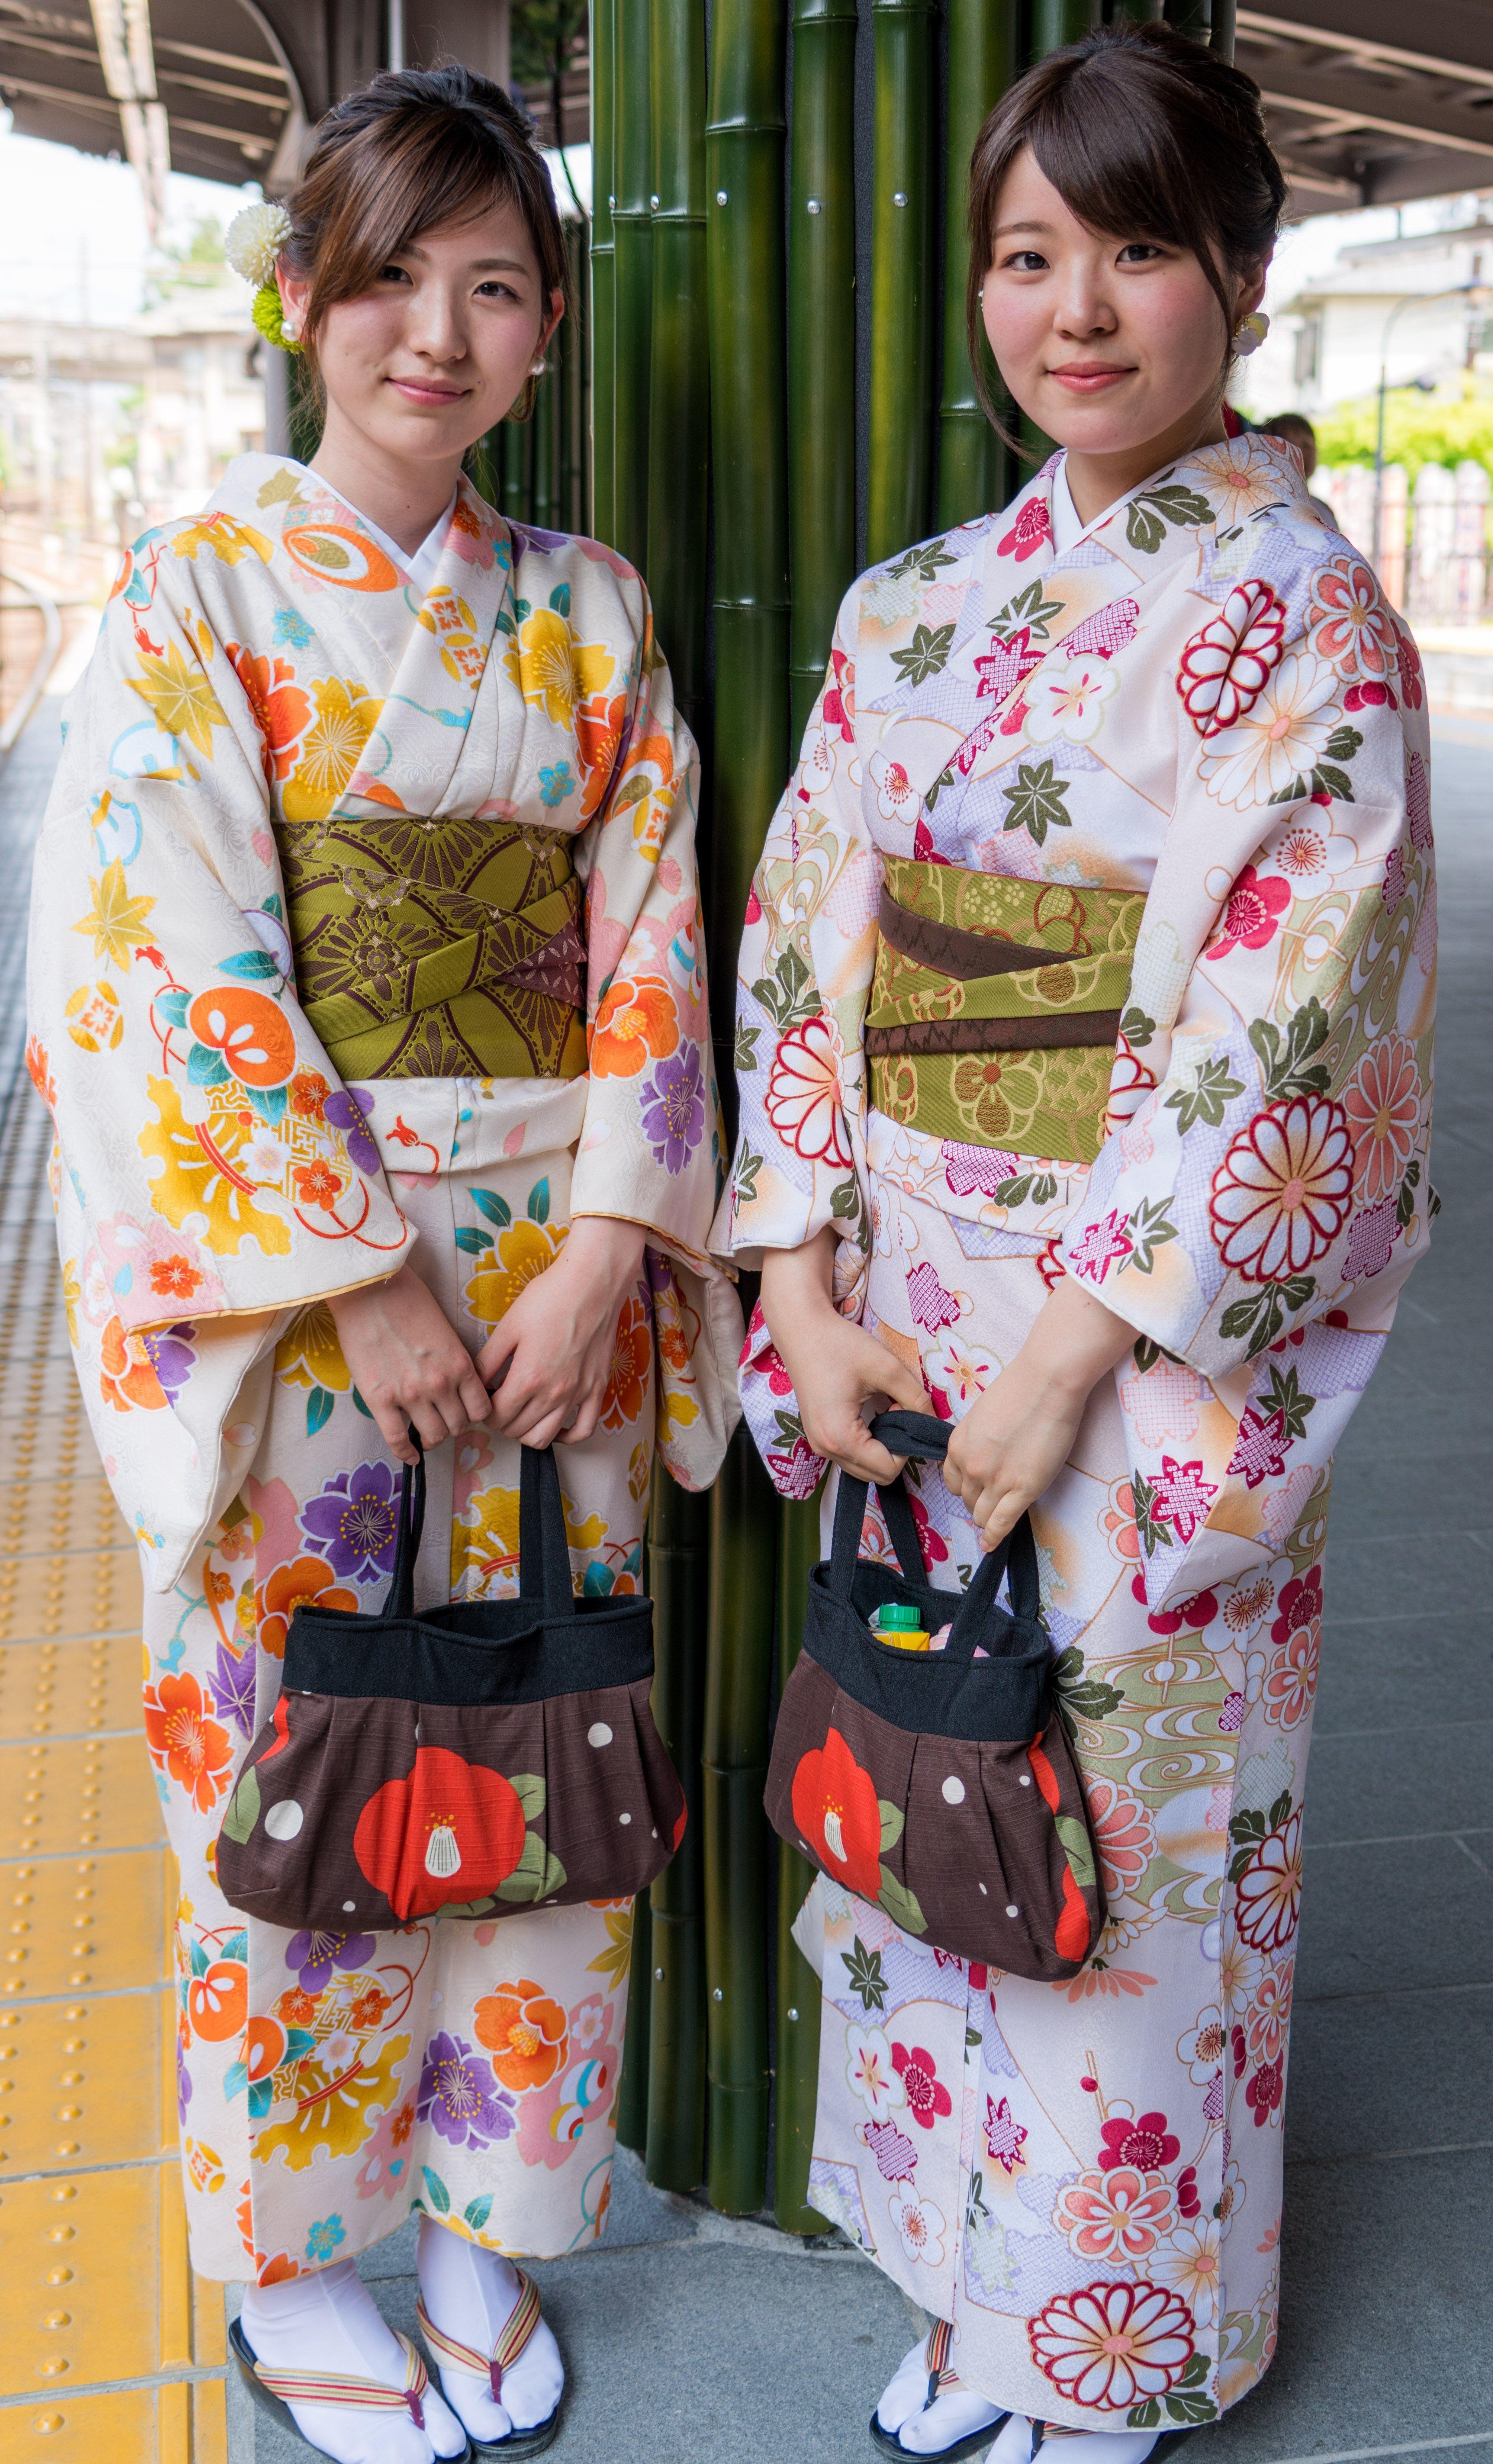 Art A. reccomend Lesbian in kimono